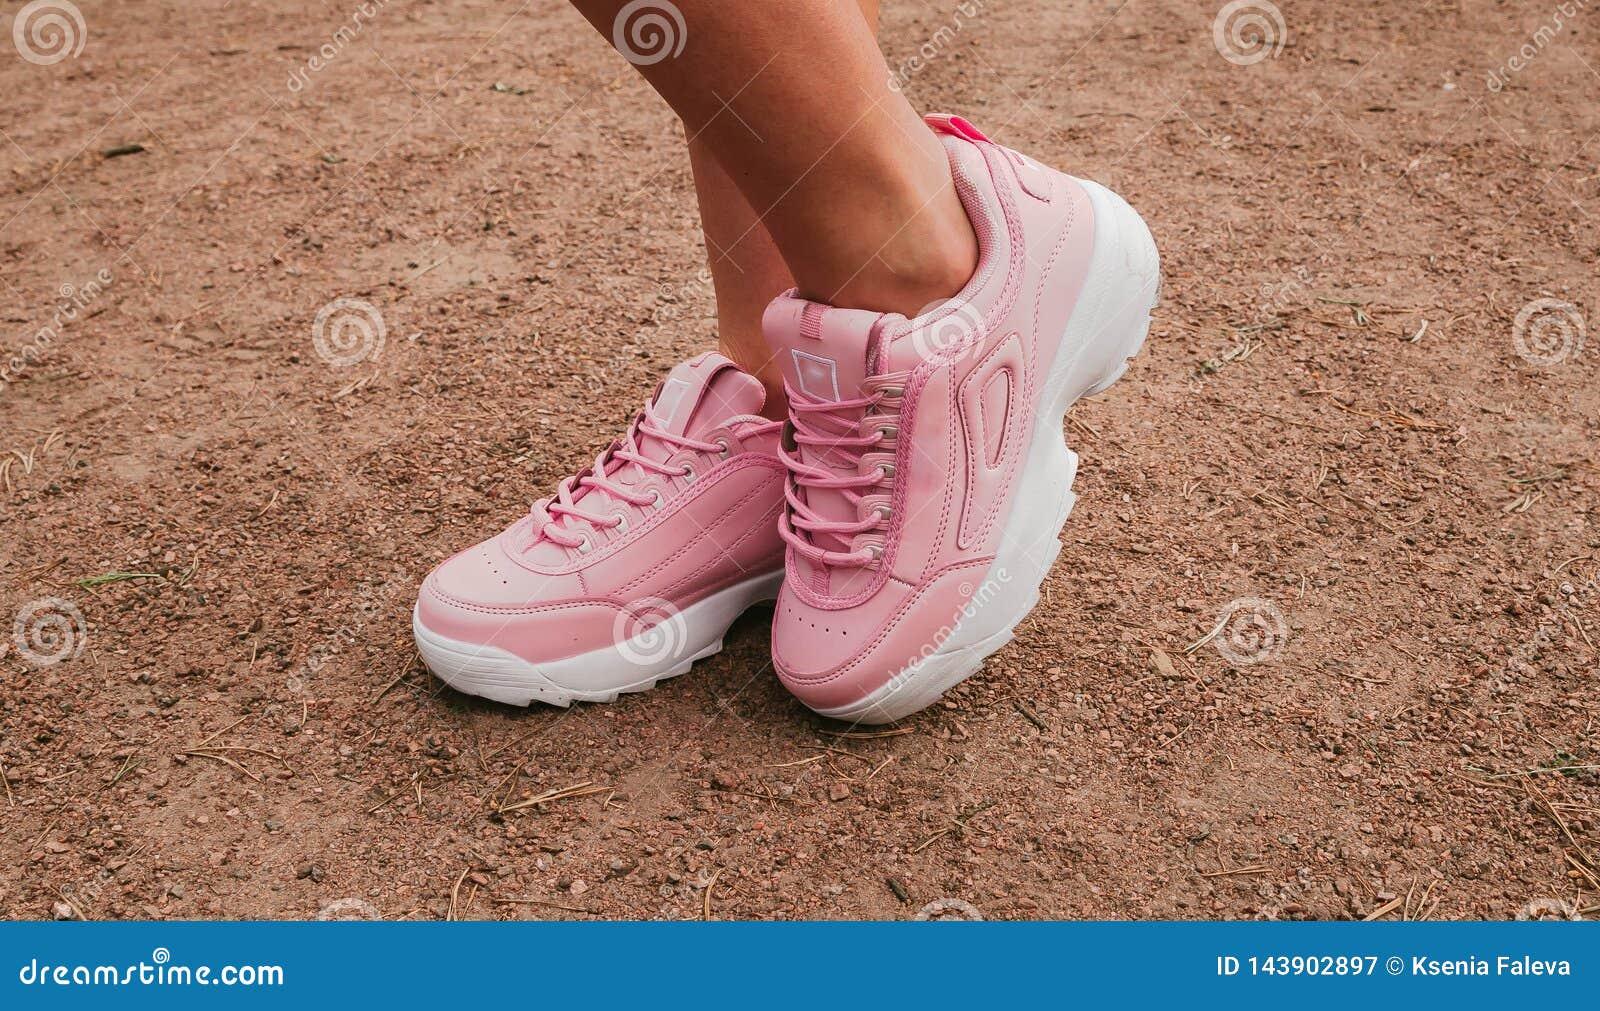 Zapatos De Cuero Para Mujer Del Rosa De Moda Elegante Piernas Para Mujer Con Las Zapatillas De Deporte Imagen De Archivo Imagen De Moderno Fresco 143902897